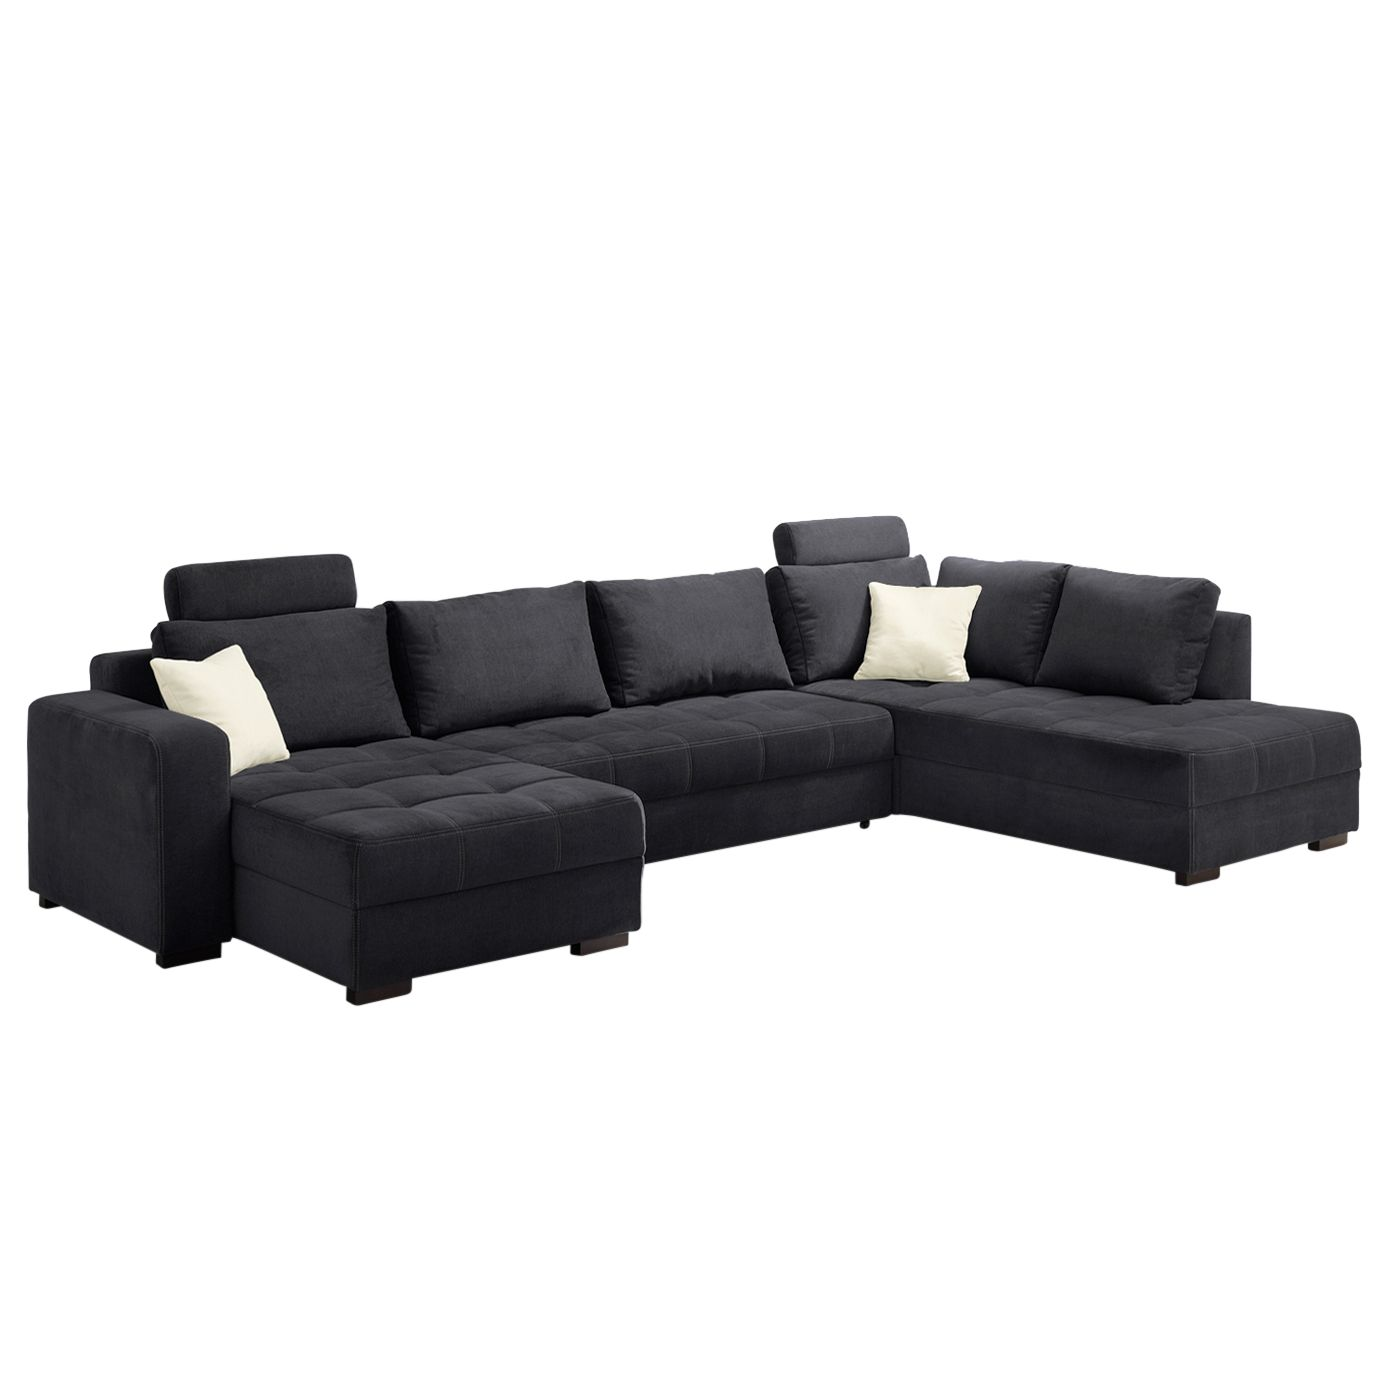 goedkoop Zithoek Antego met slaapfunctie velours ottomane longchair aan beide zijden monteerbaar Zwart Home Design